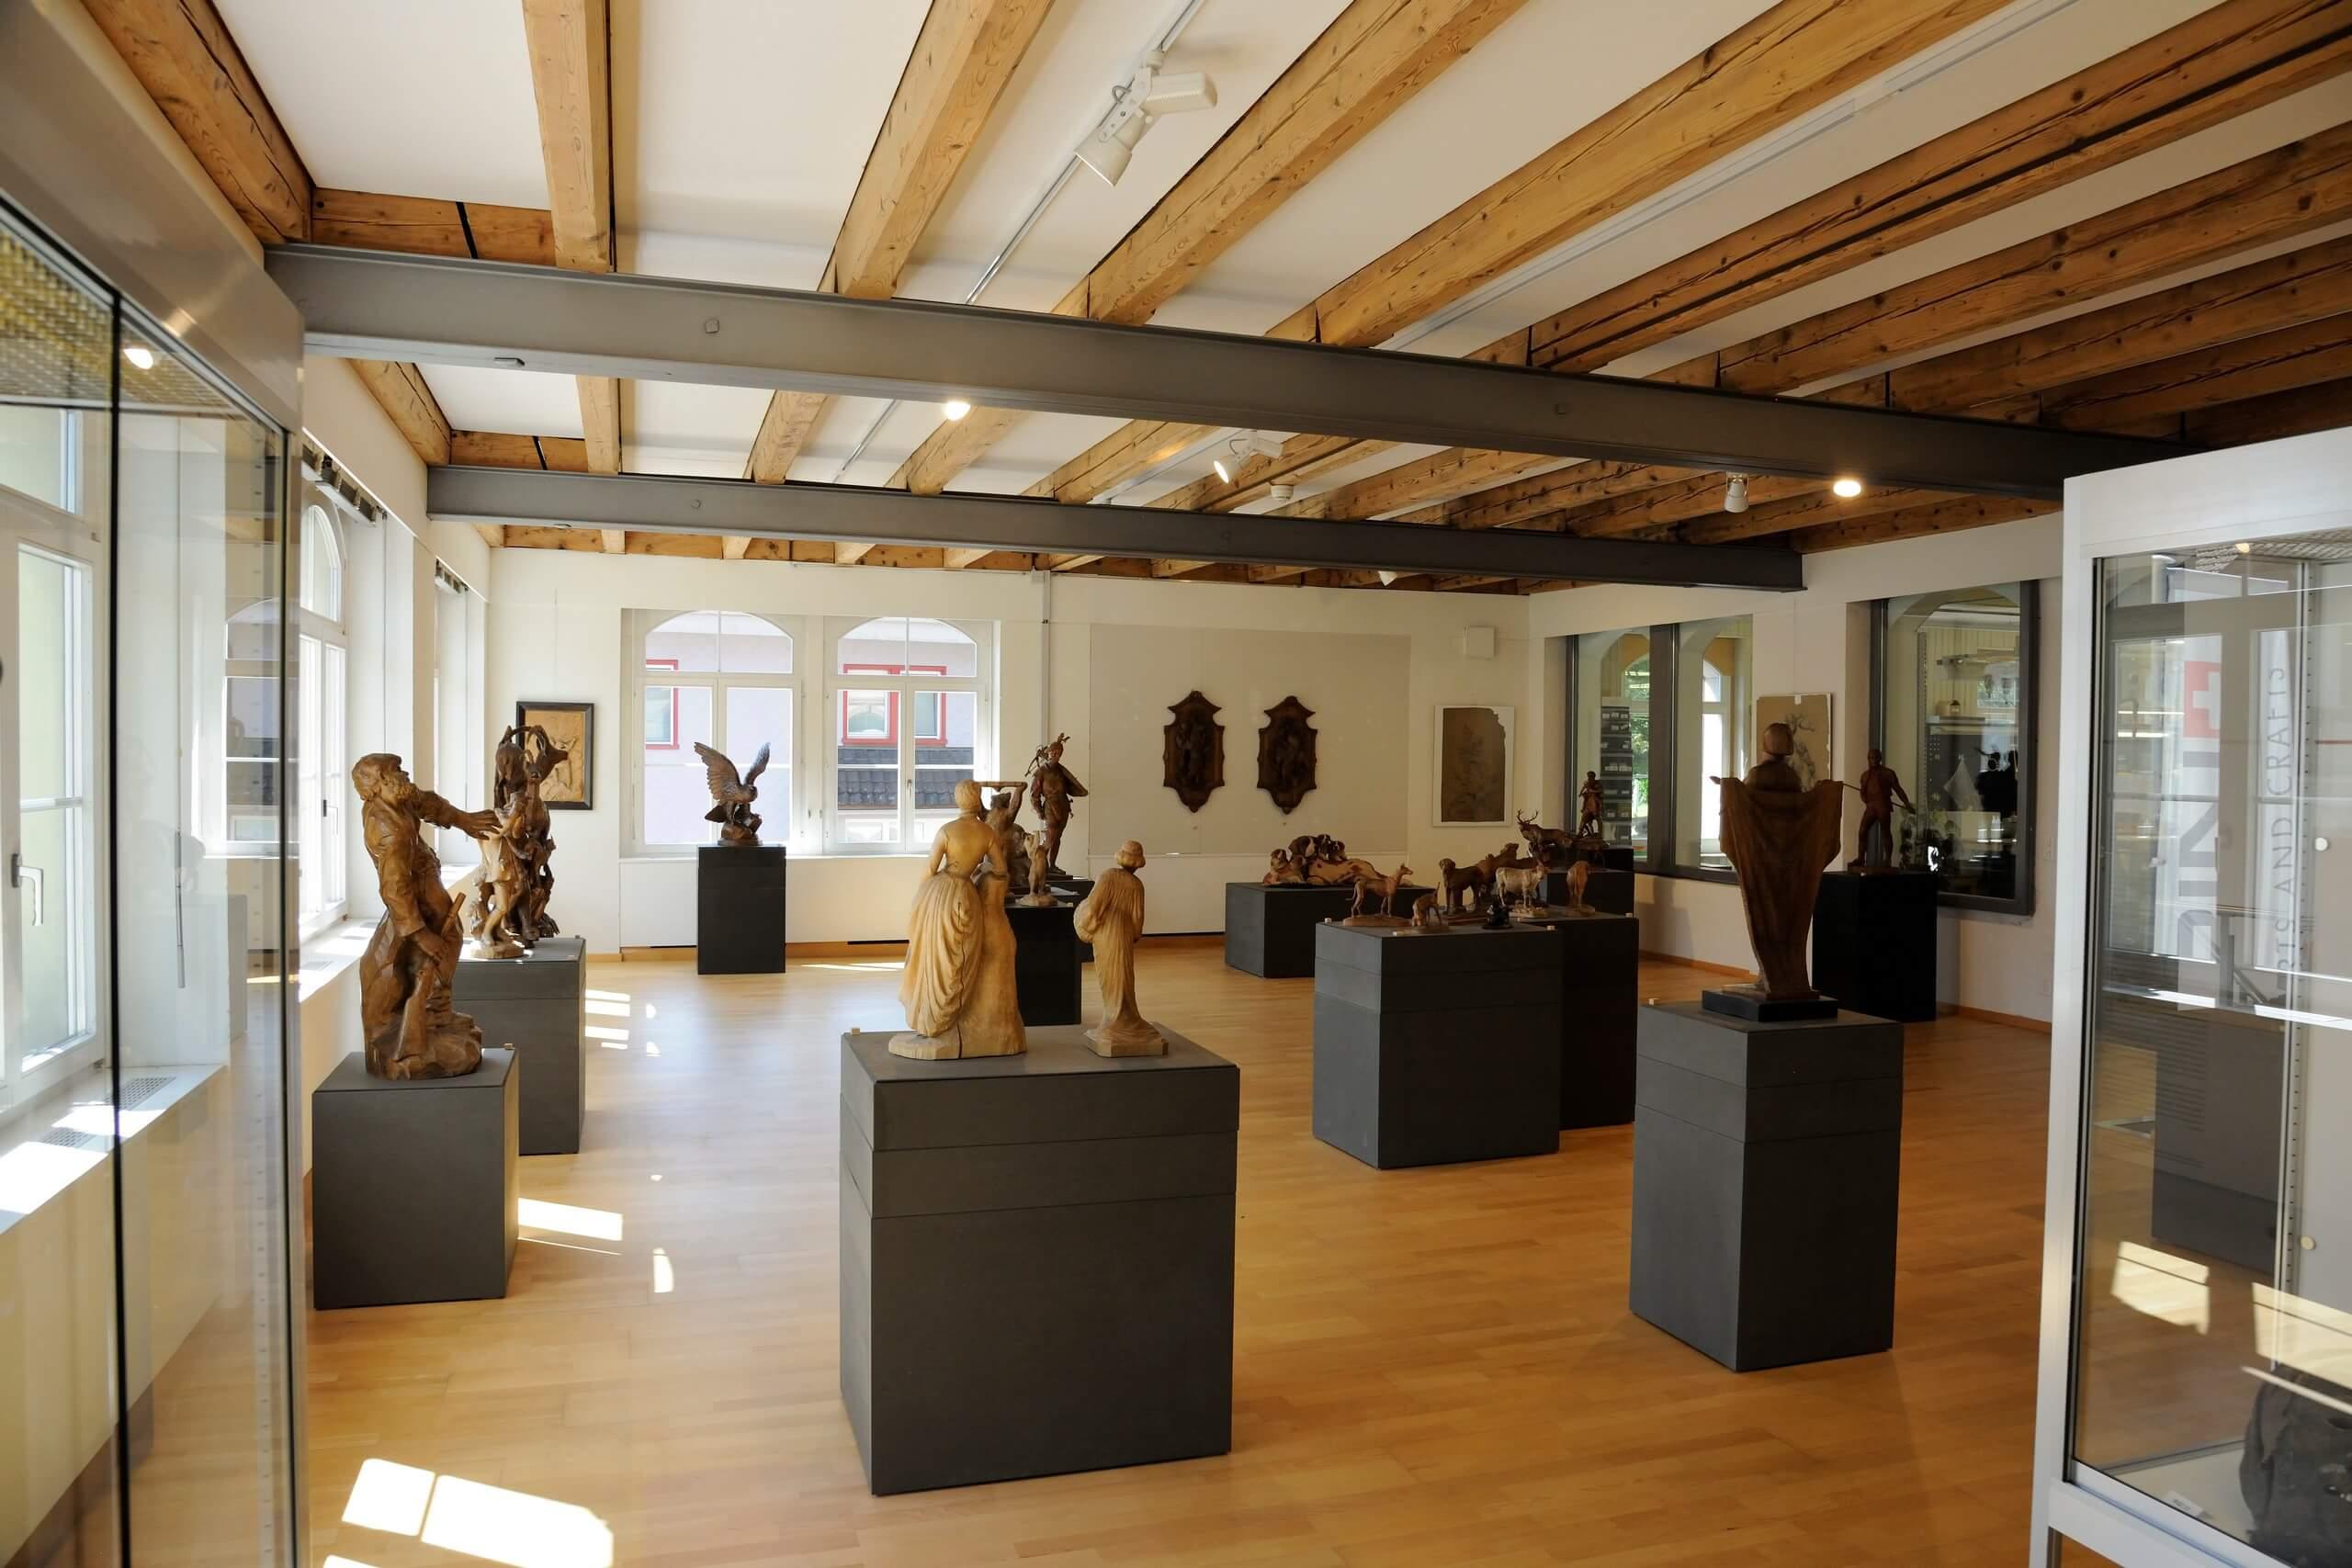 brienz-museum-holzbildhauerei-ausstellungsraum